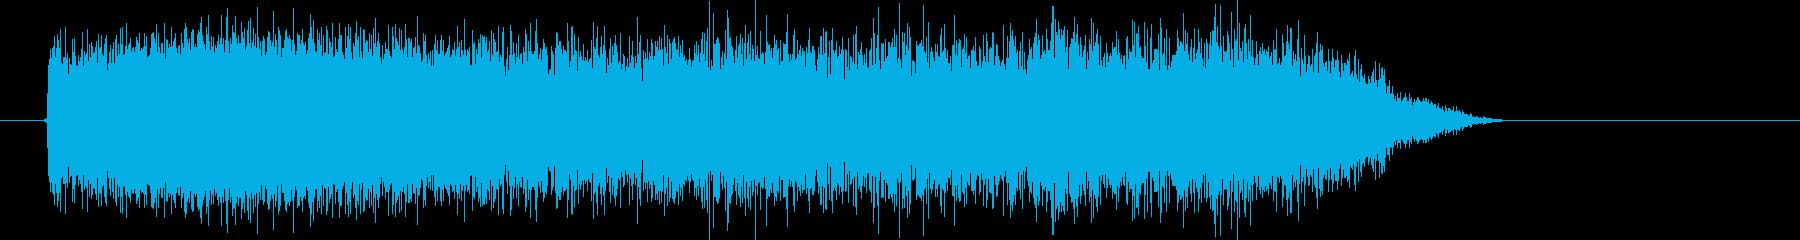 チャーンチャァーン(神秘的な登場音)の再生済みの波形